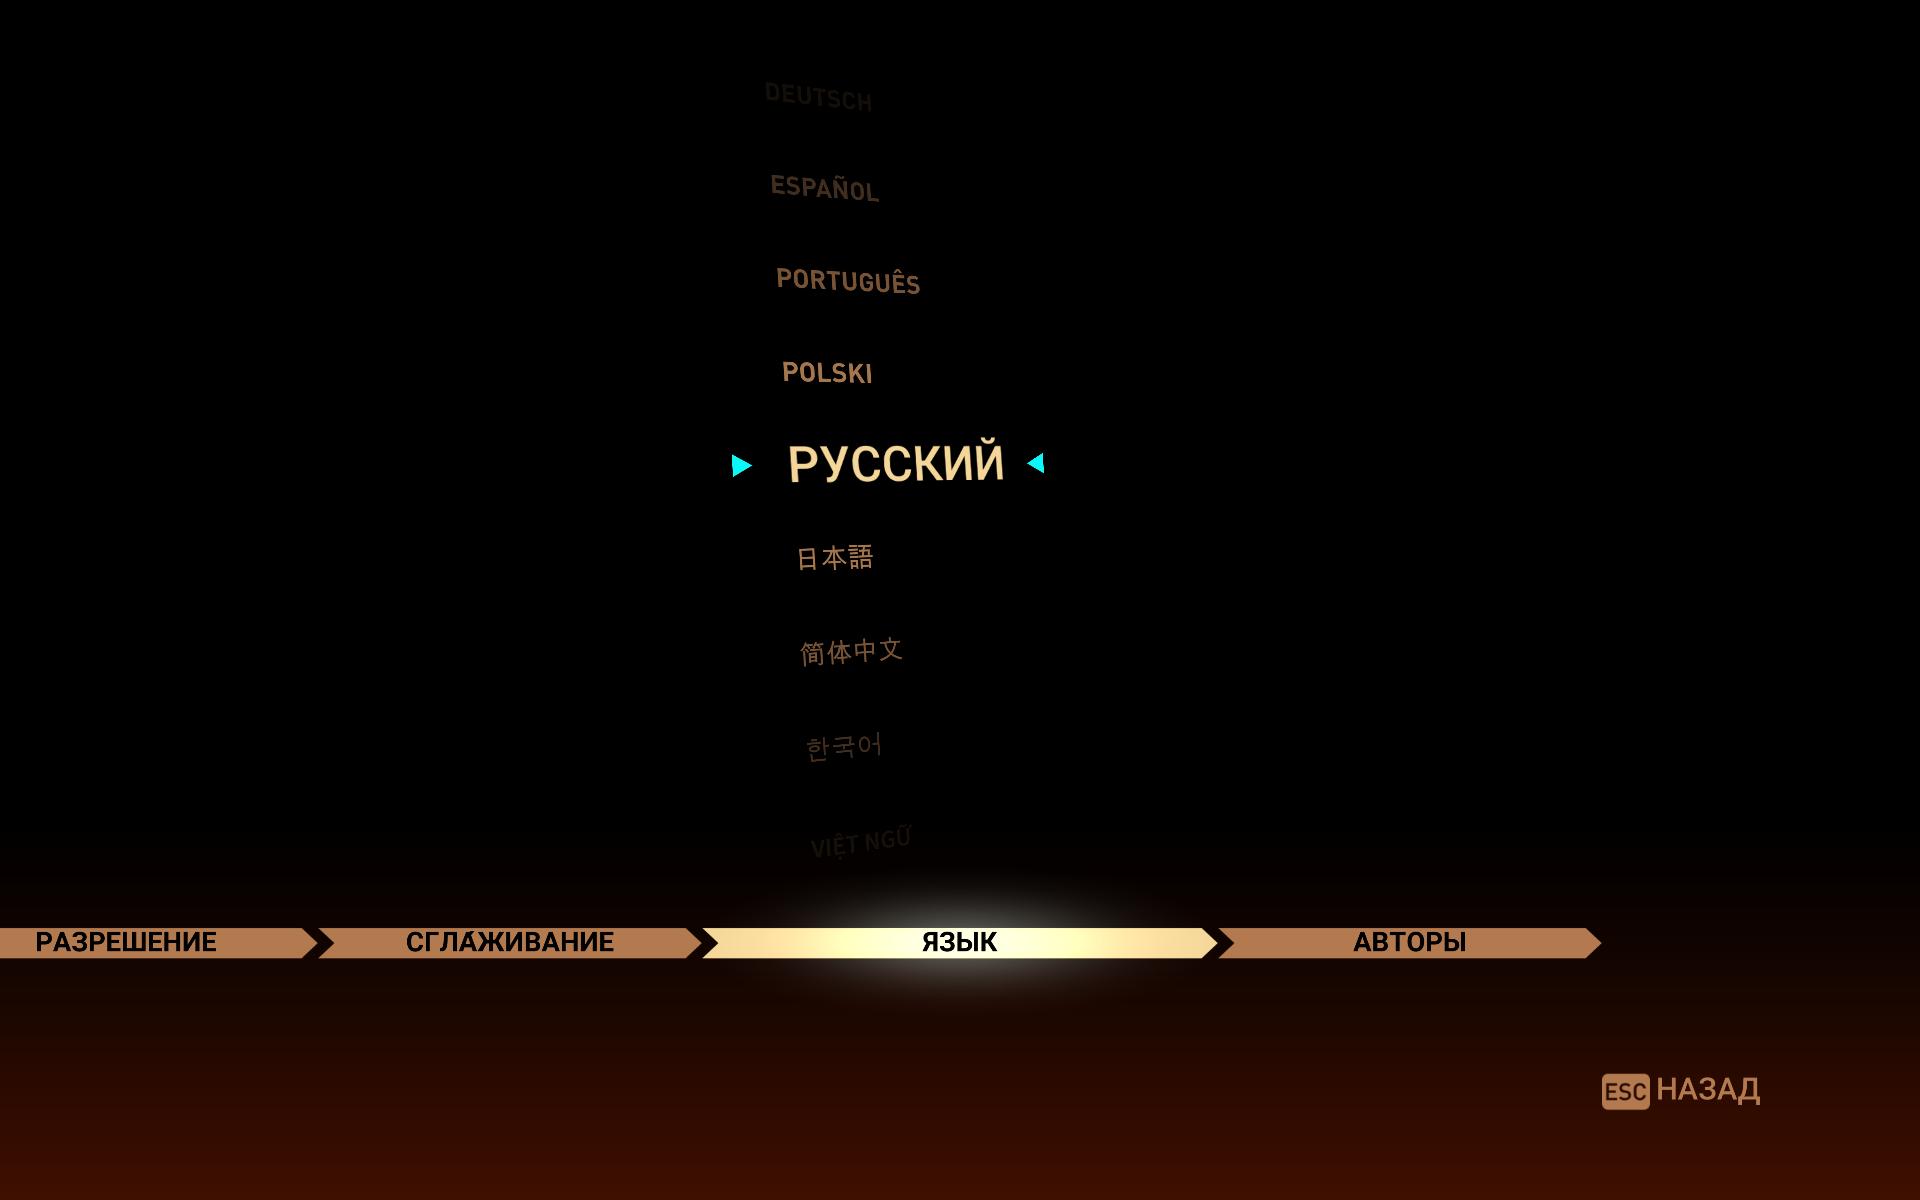 http://i6.imageban.ru/out/2018/01/11/23a202d74cbee230b09fd07575c8814d.png